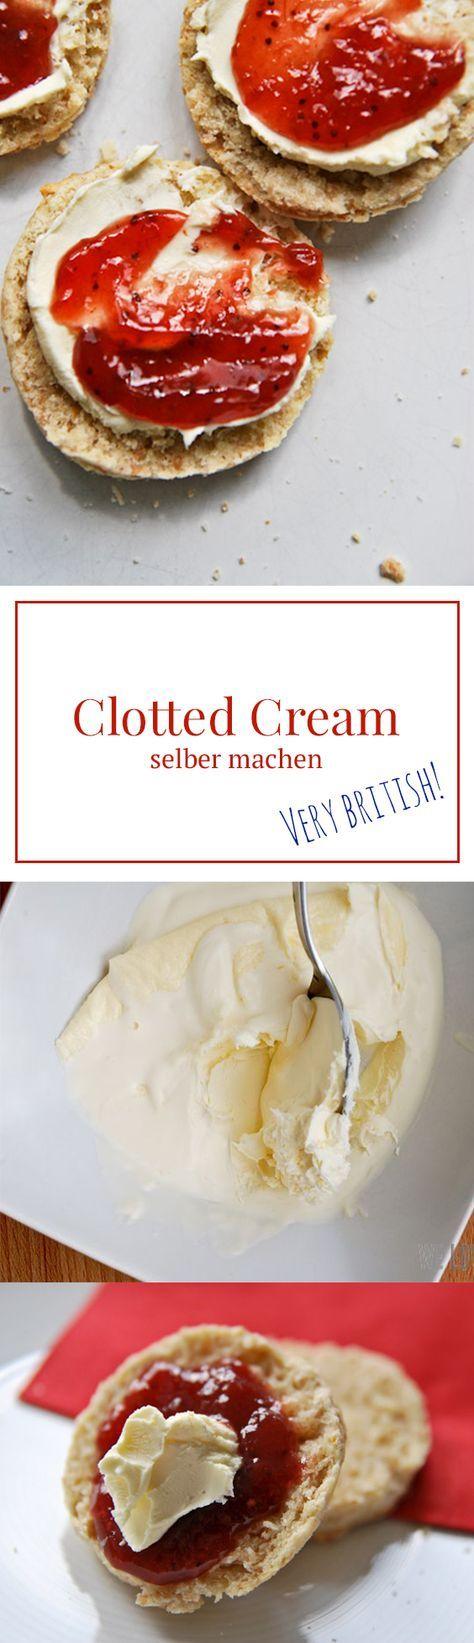 Clotted Cream selber machen - geht ganz einfach, perfekt für einen echt britischen Afternoon Tea und zu Scones. Rezept von www.we-love-pasta.de